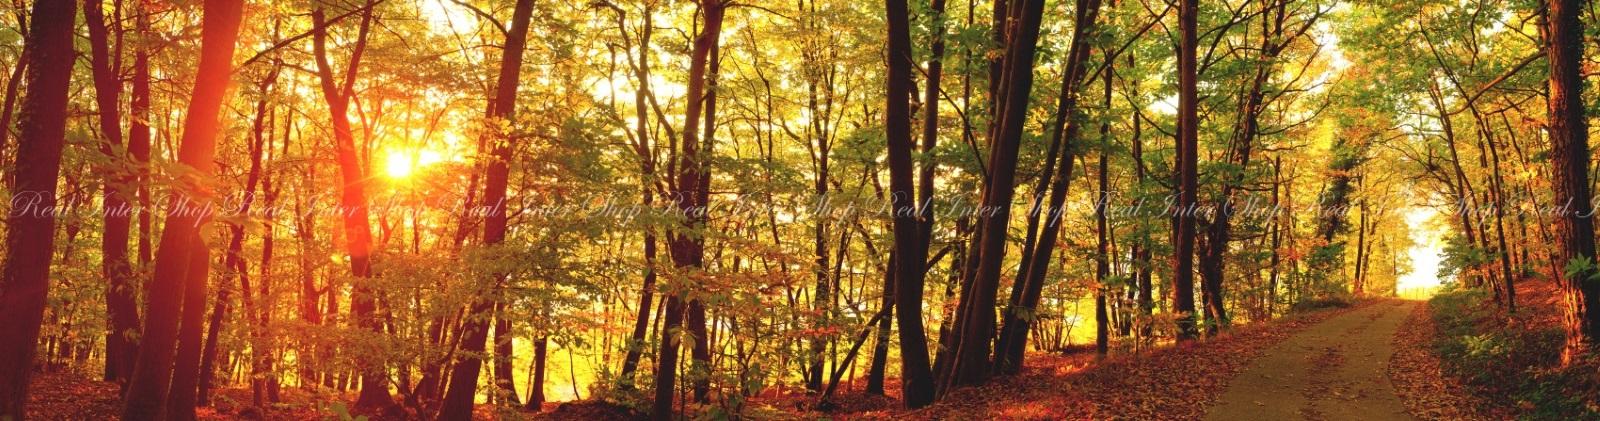 絵画風 壁紙ポスター (はがせるシール式) 緑黄紅の森林浴 紅葉と秋の陽射し 黄葉 もみじ 秋の景色 癒し パノラマ キャラクロ KYO-105X1 (パノラマX版 2210mm×576mm) 建築用壁紙+耐候性塗料 インテリア